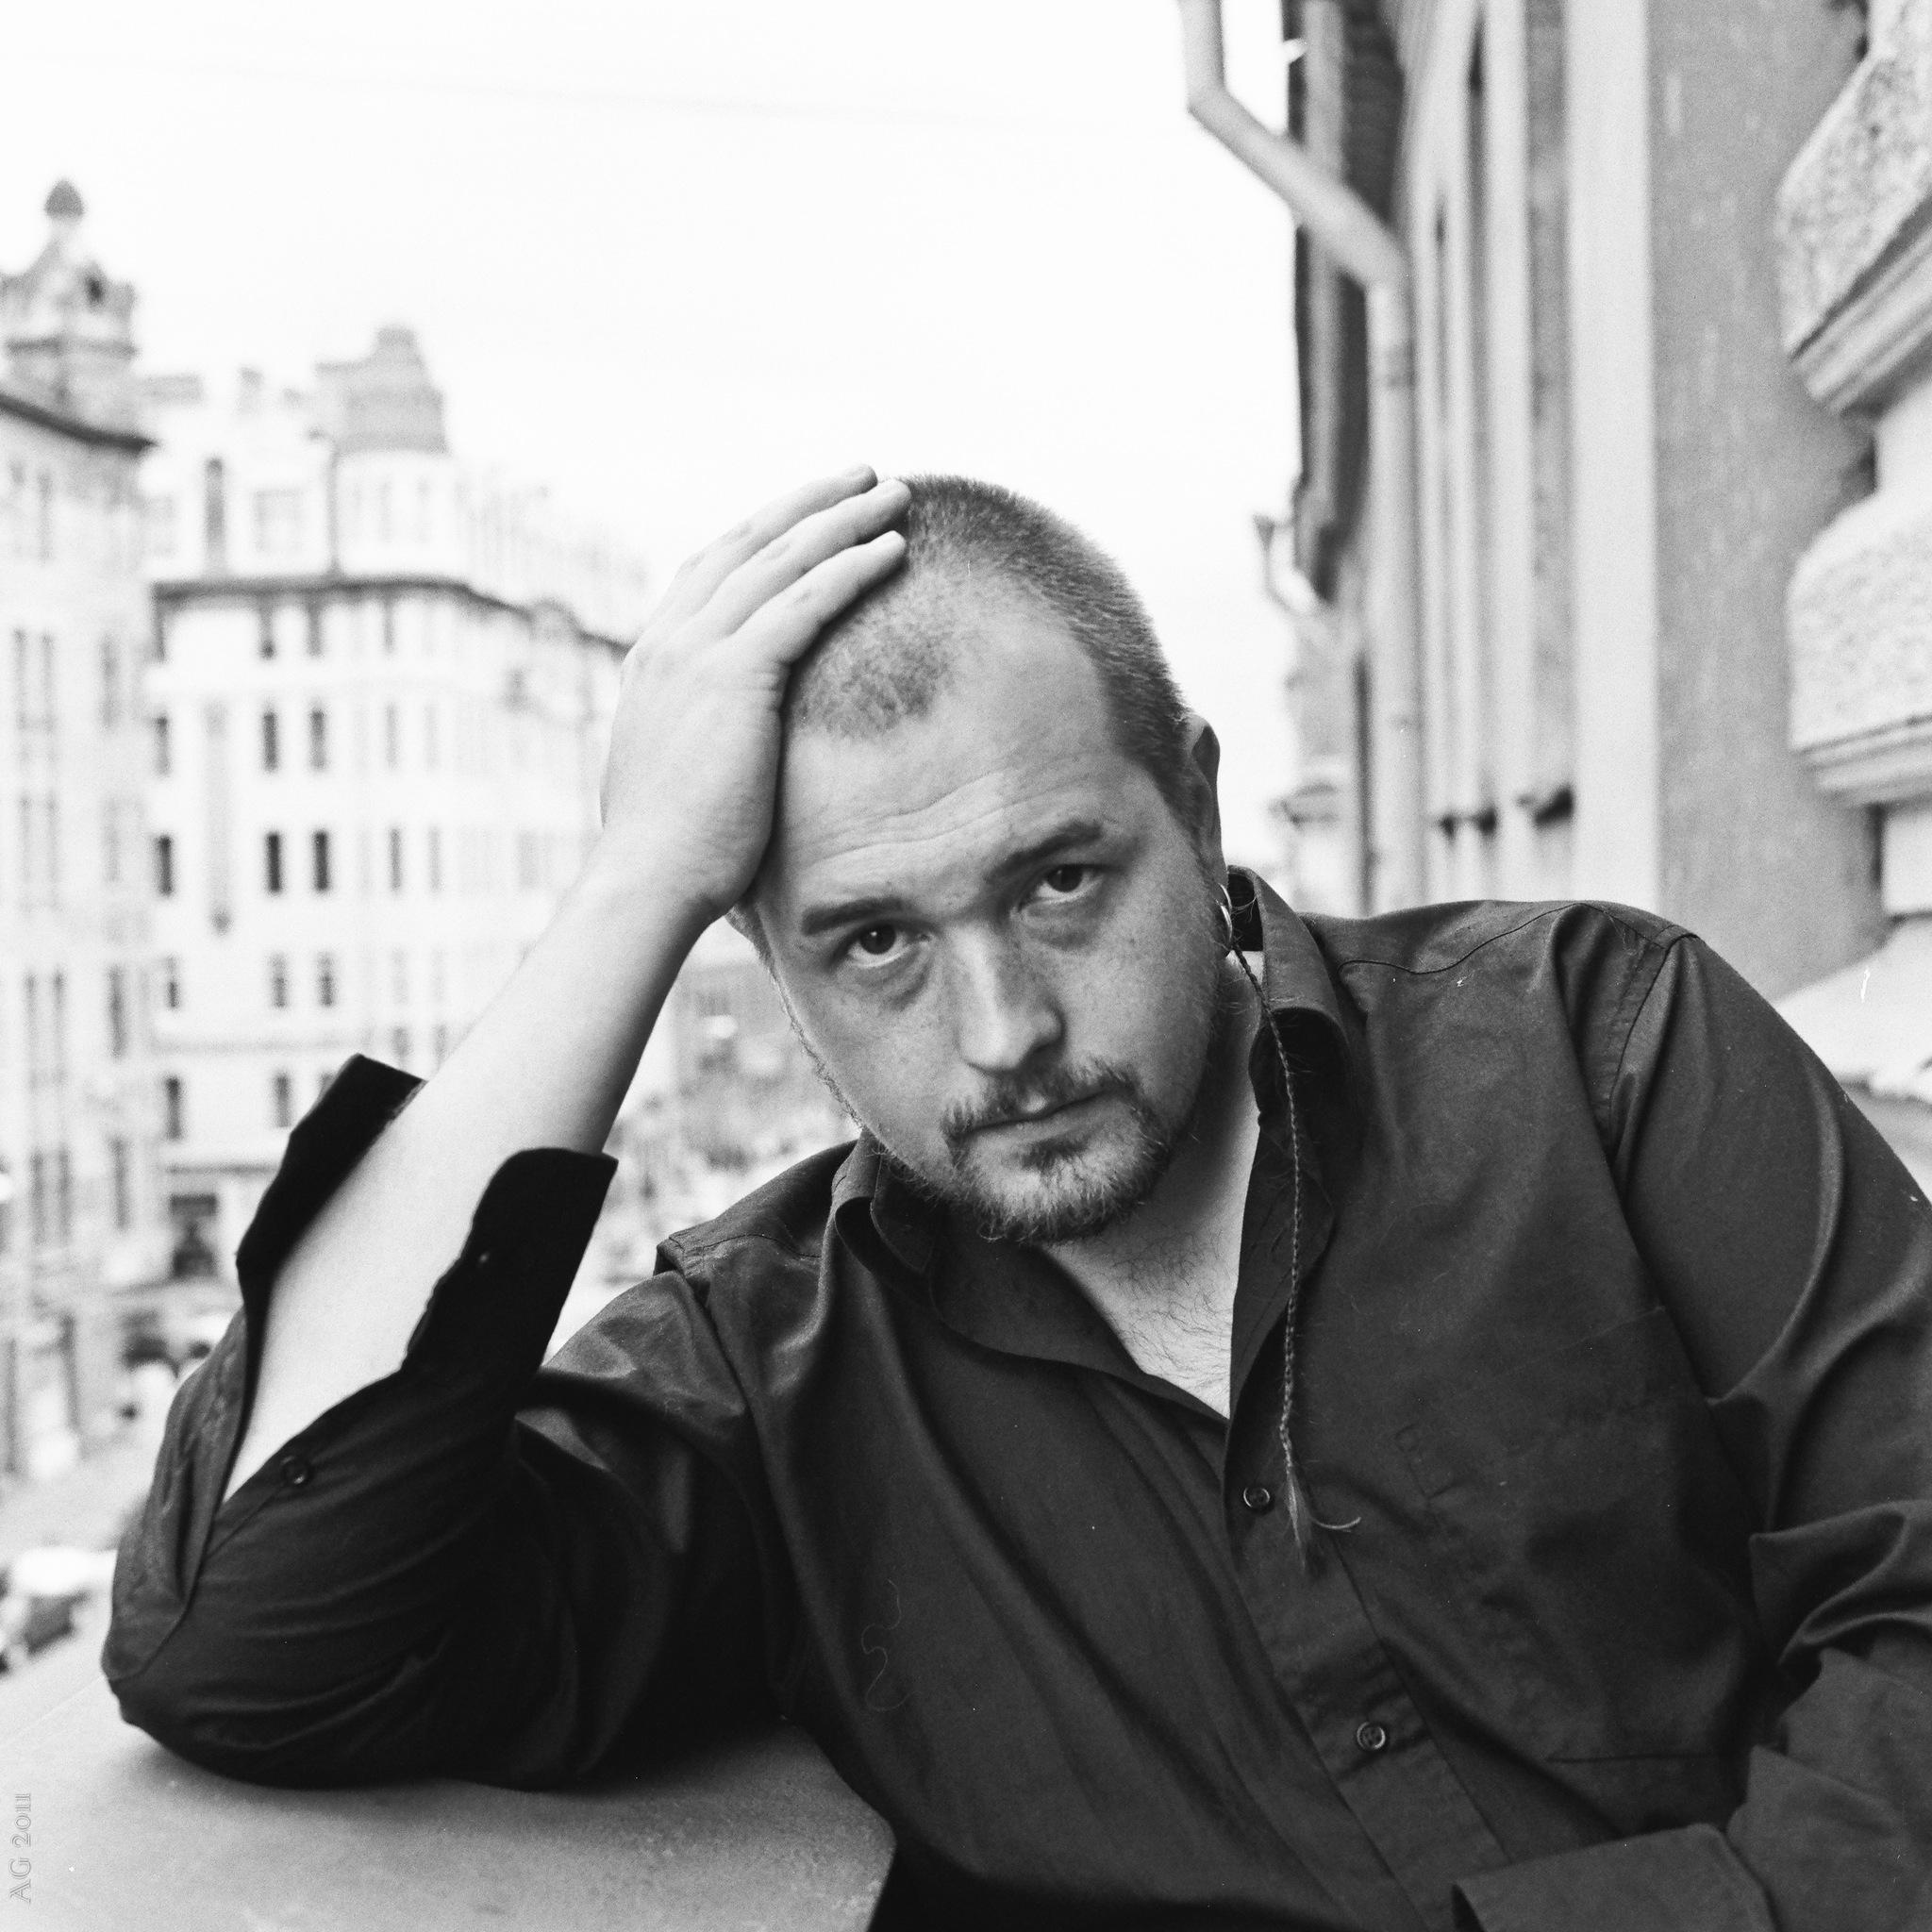 Андрей Городецкий, 37 лет, London, Великобритания. Фото 6